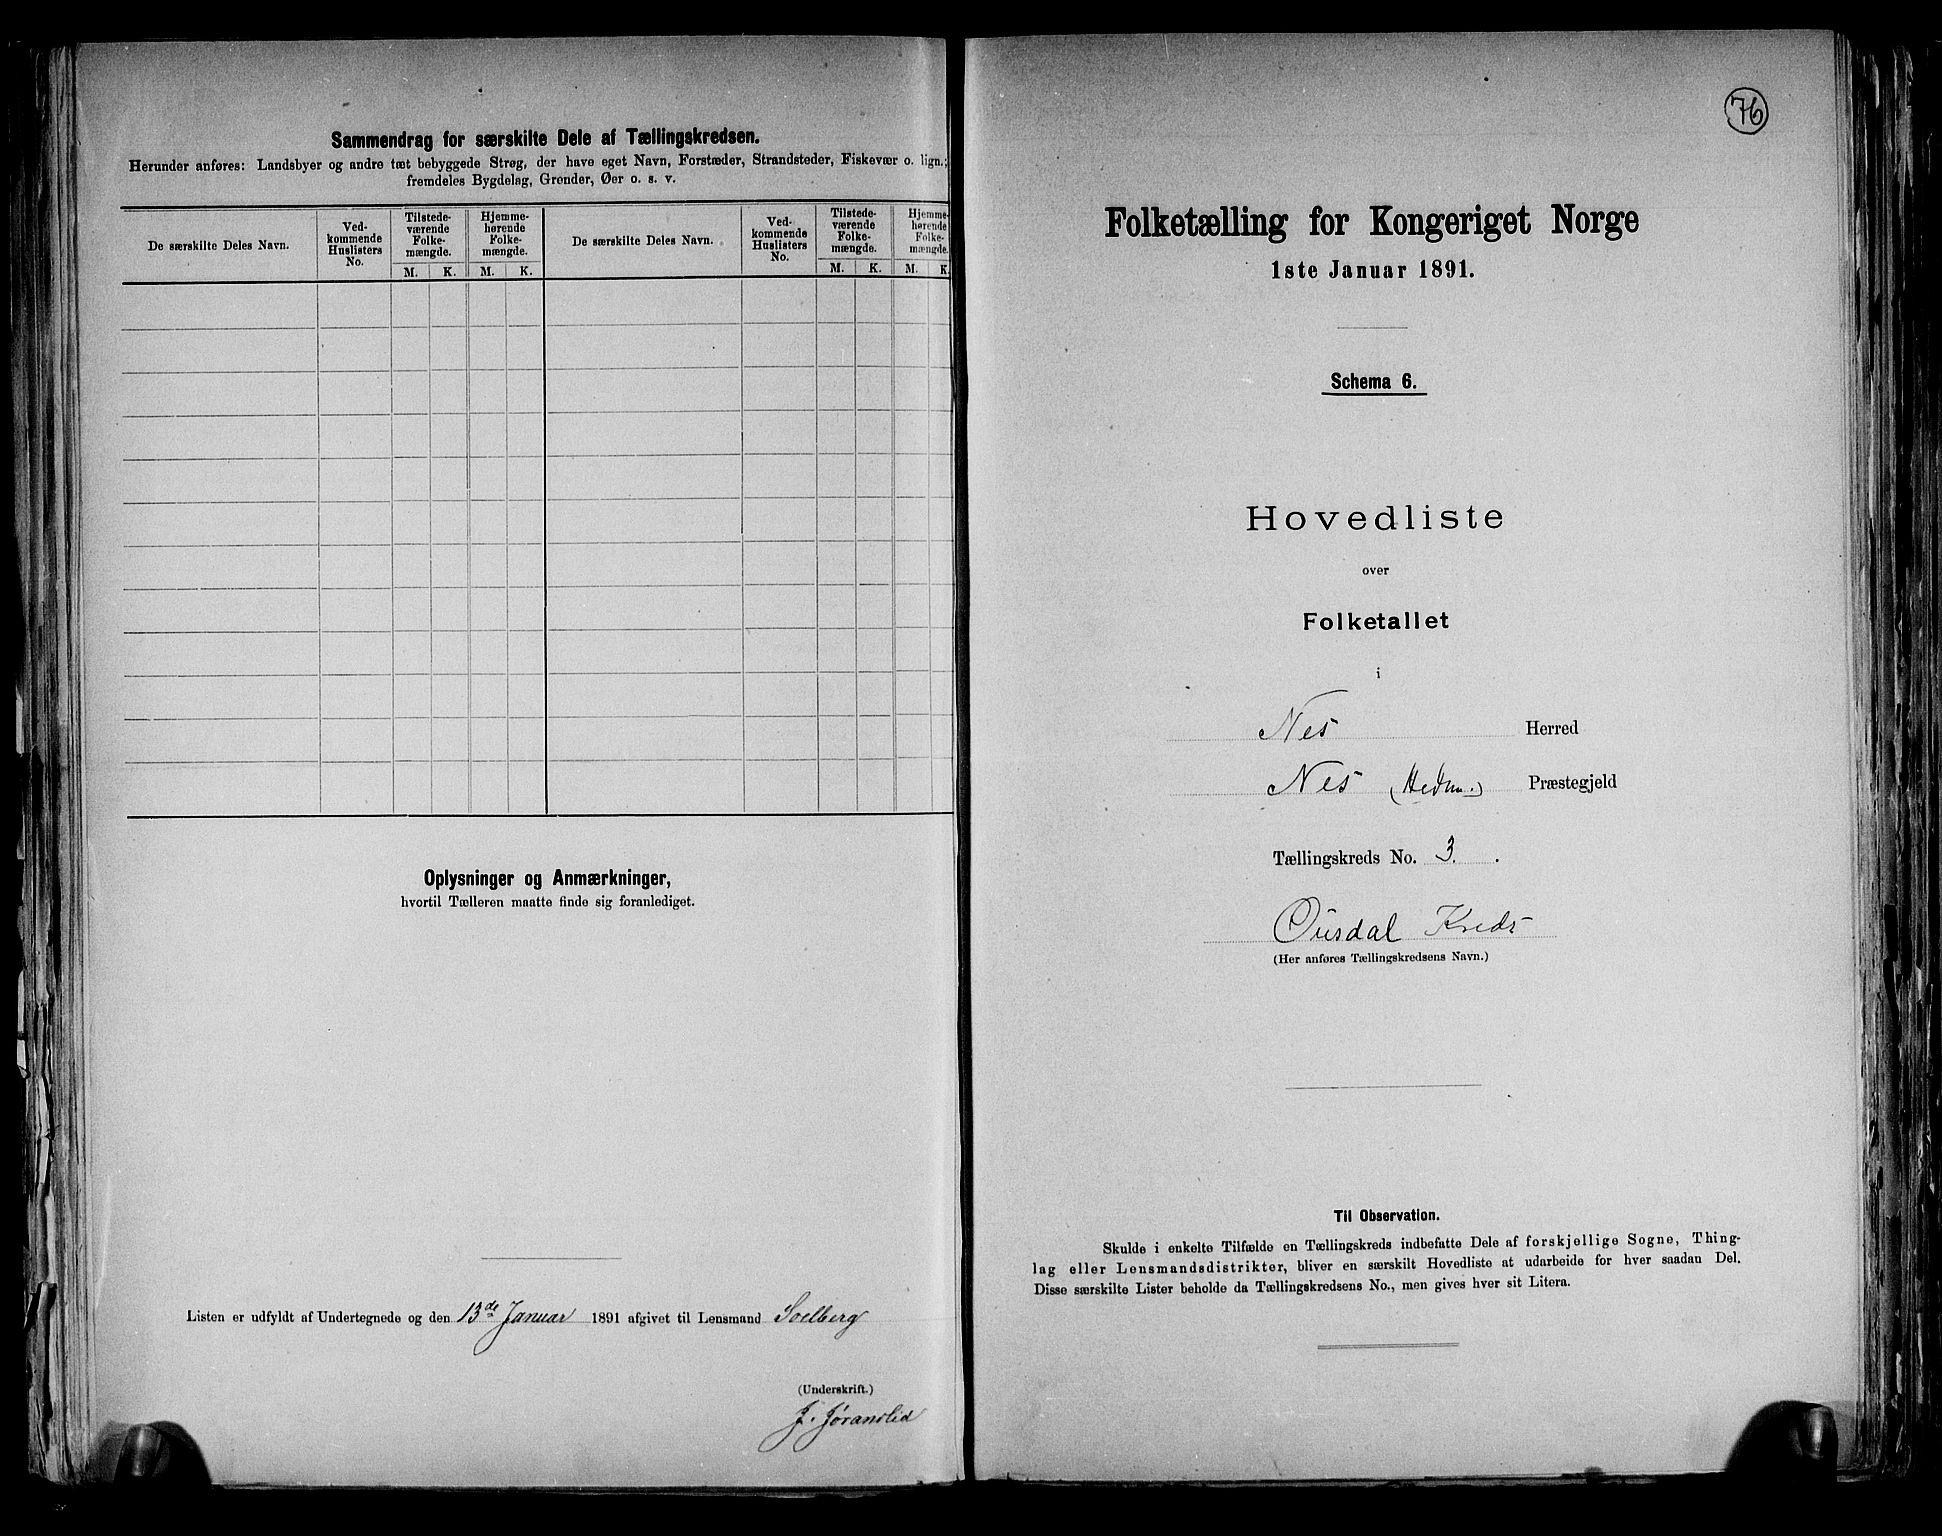 RA, Folketelling 1891 for 0411 Nes herred, 1891, s. 12